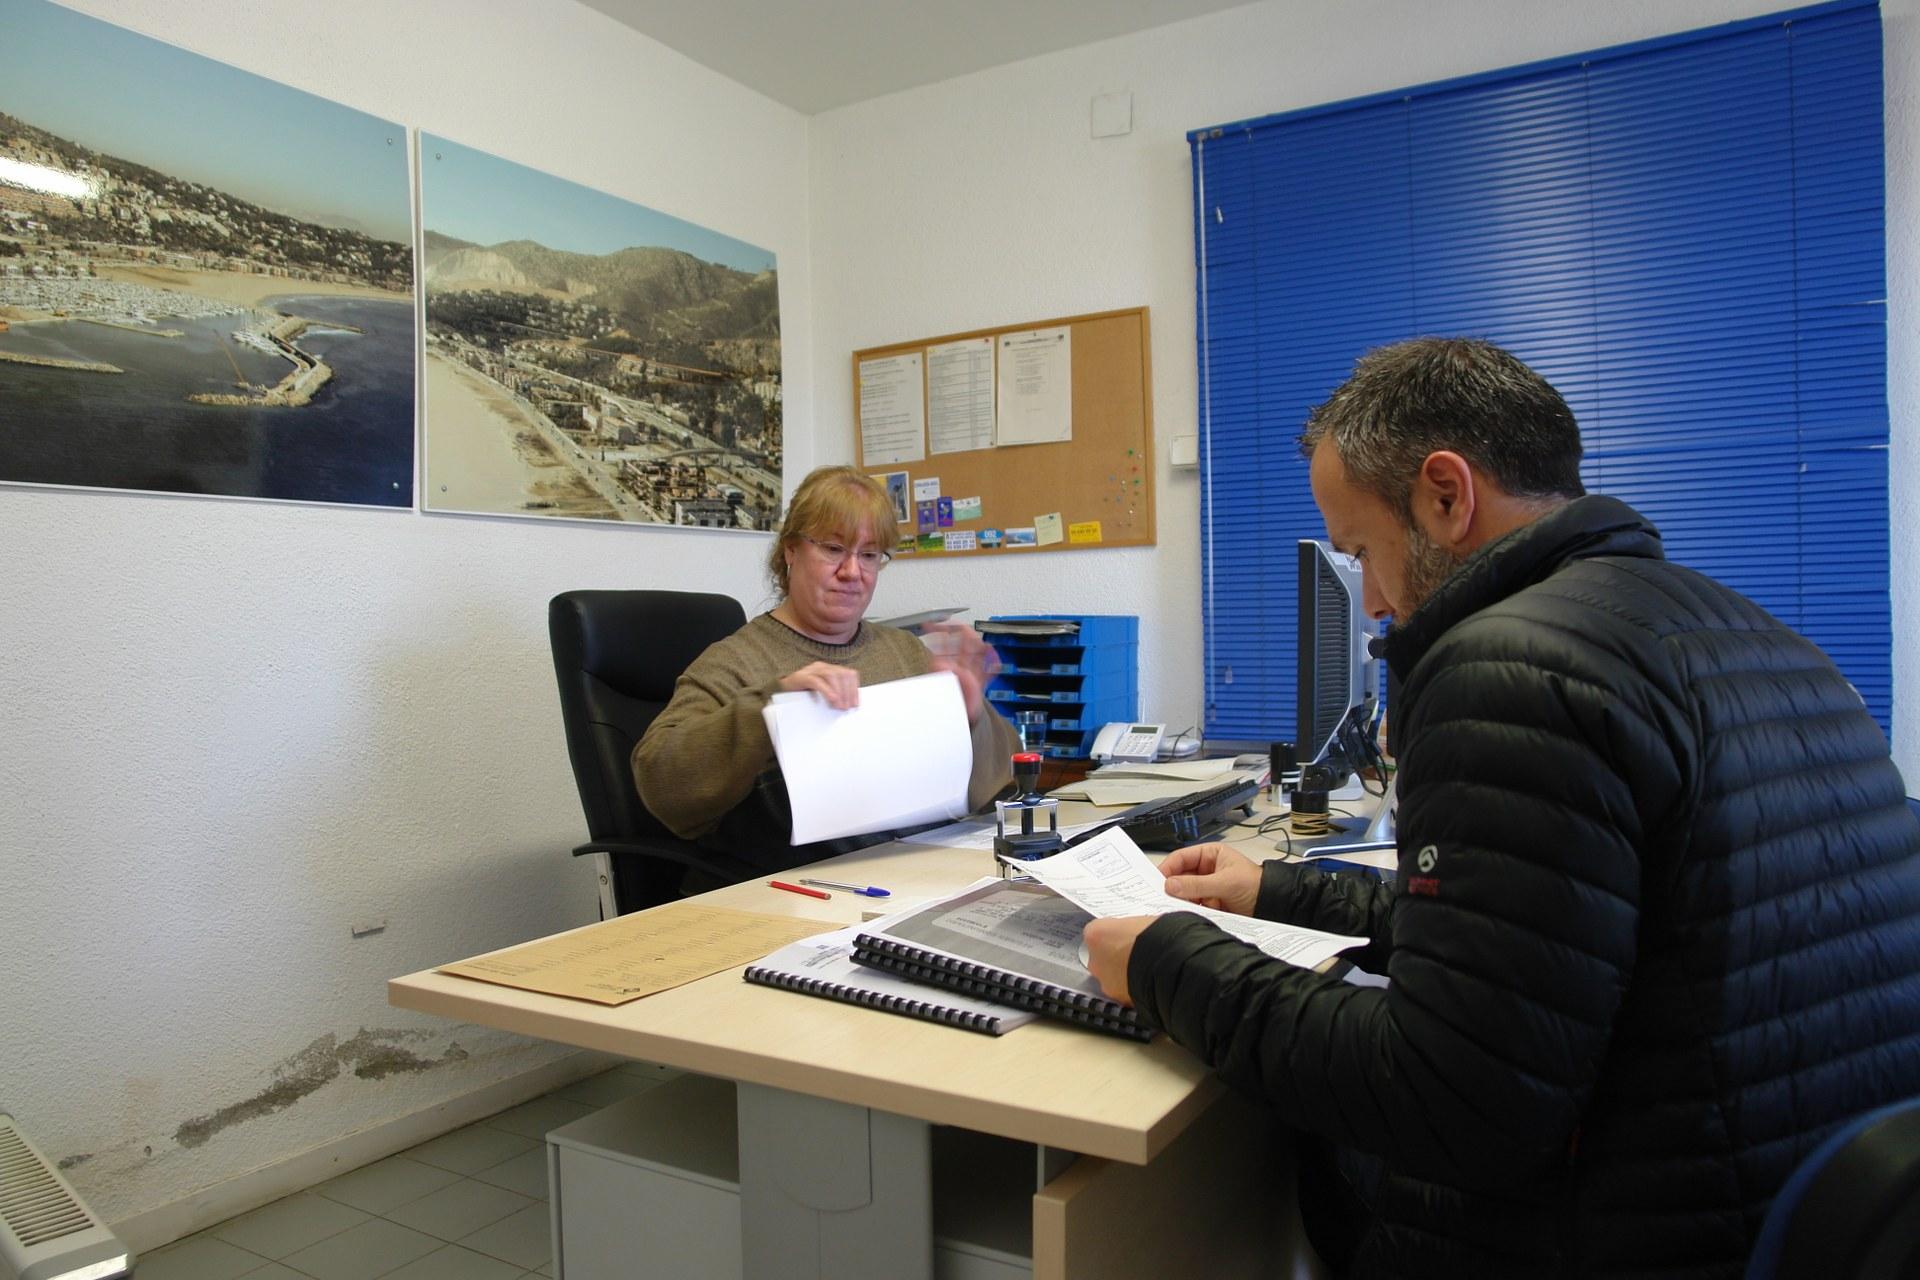 Les OAC del poble de Garraf i de Les Botigues de Sitges recuperen els horaris habituals